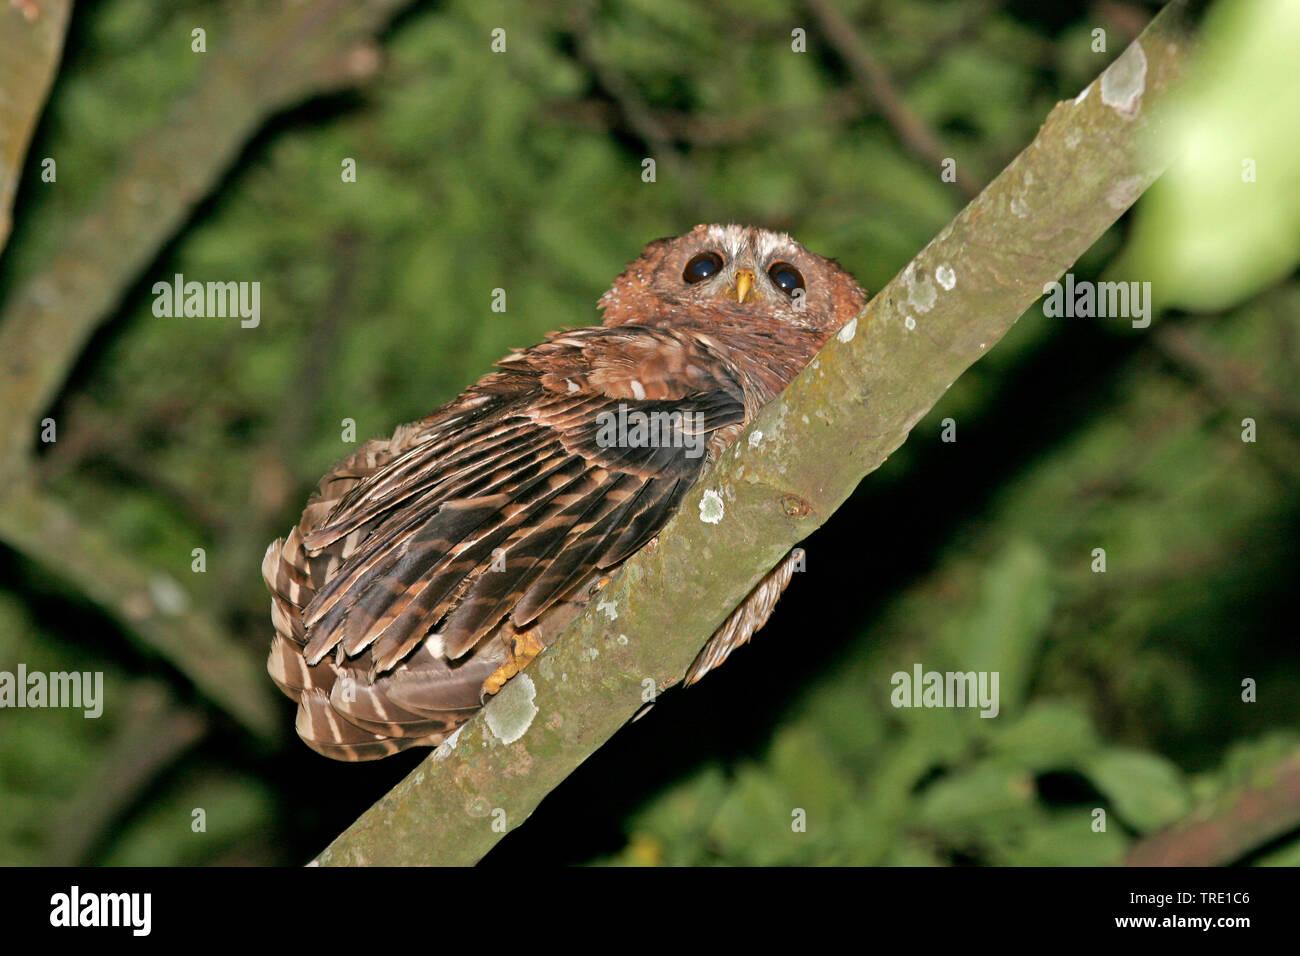 Afrikanischer Waldkauz (Strix woodfordii), sitzt auf einem Zweig, Uganda | African wood owl (Strix woodfordii), on a branch, Uganda | BLWS514555.jpg [ - Stock Image